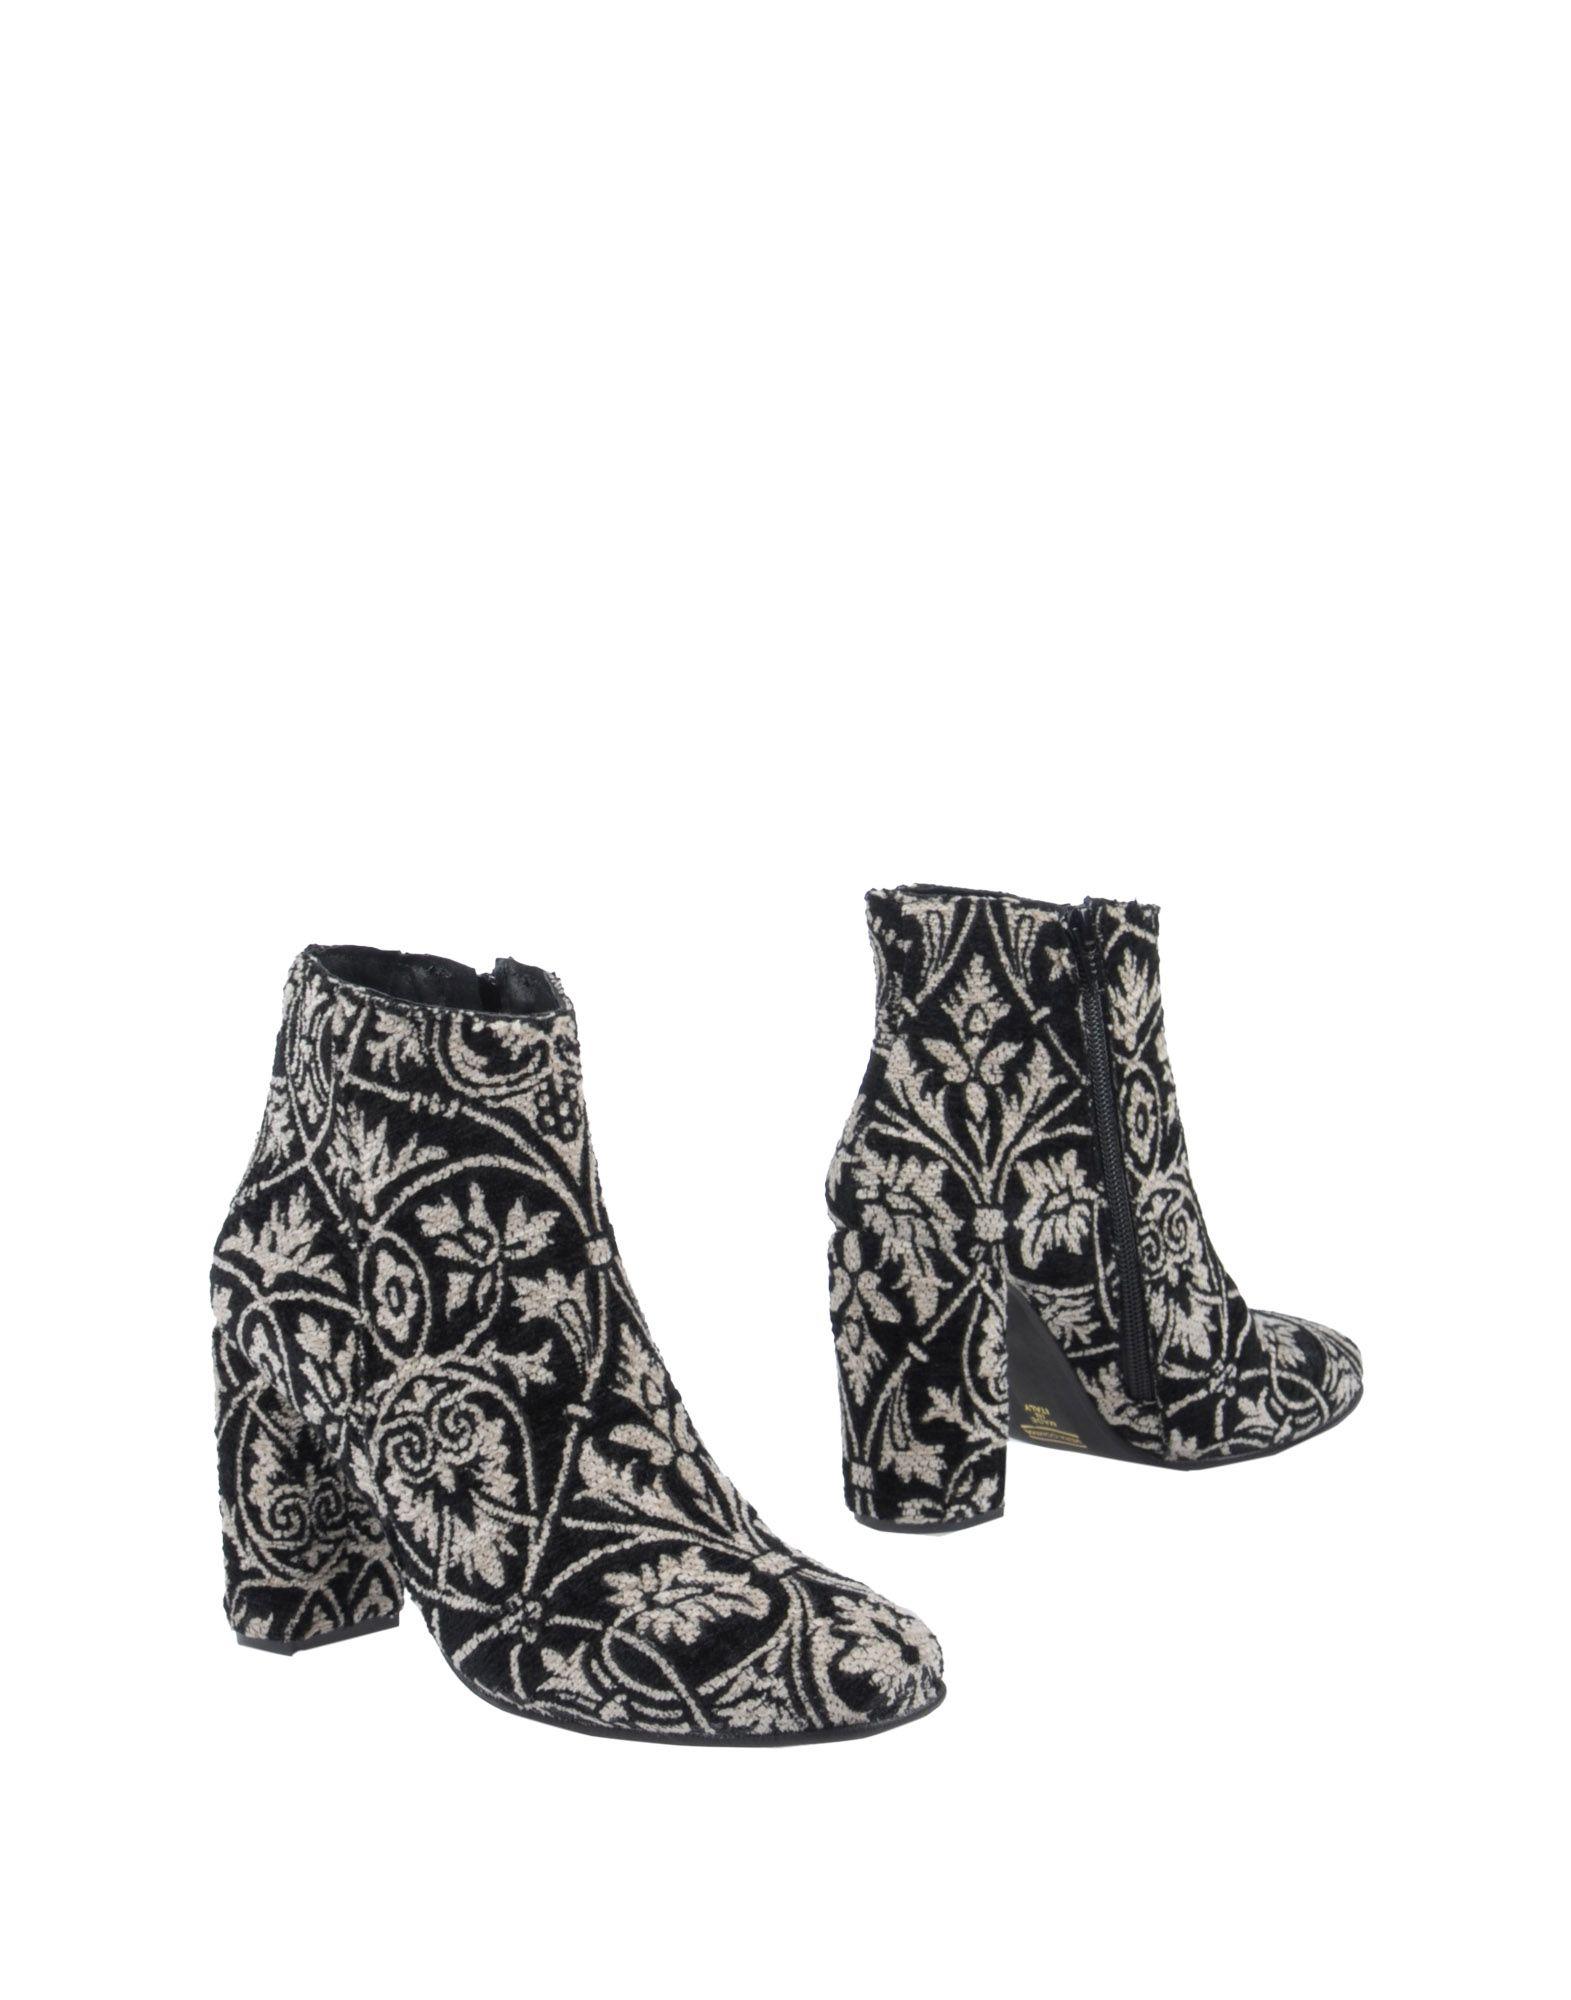 Ovye' By Cristina Lucchi Stiefelette Damen  11447845HX Gute Qualität beliebte Schuhe